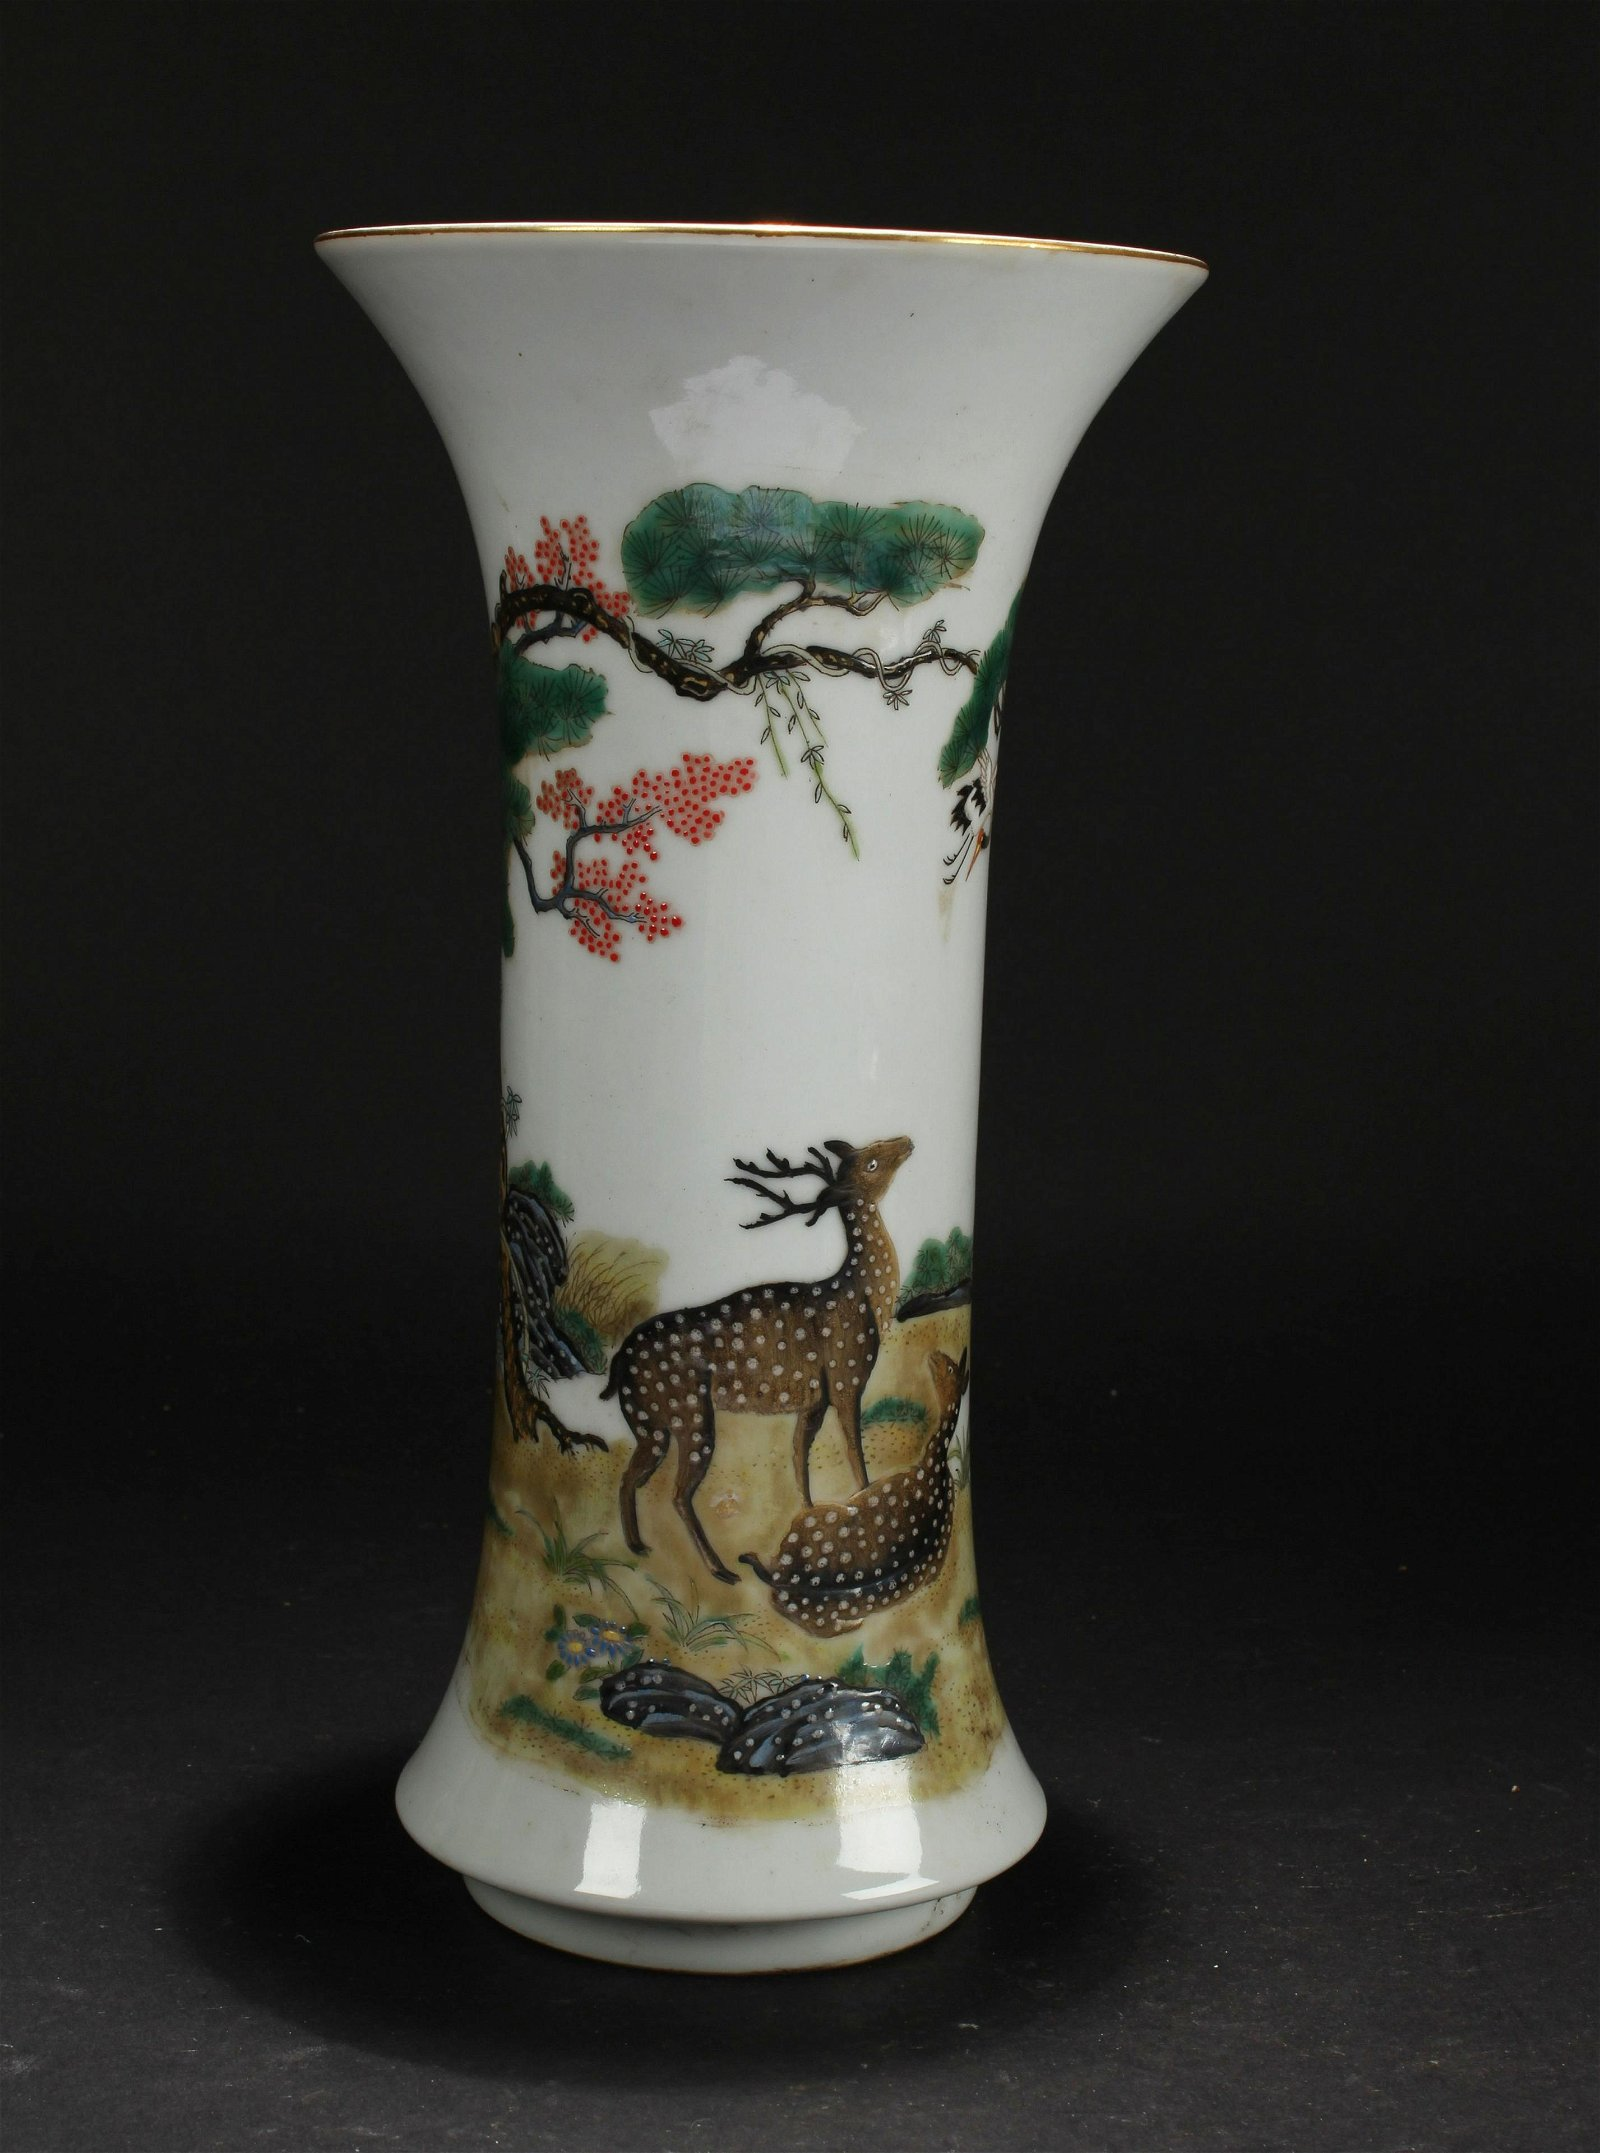 A Deer-fortune Chinese Estate Porcelain Vase Display